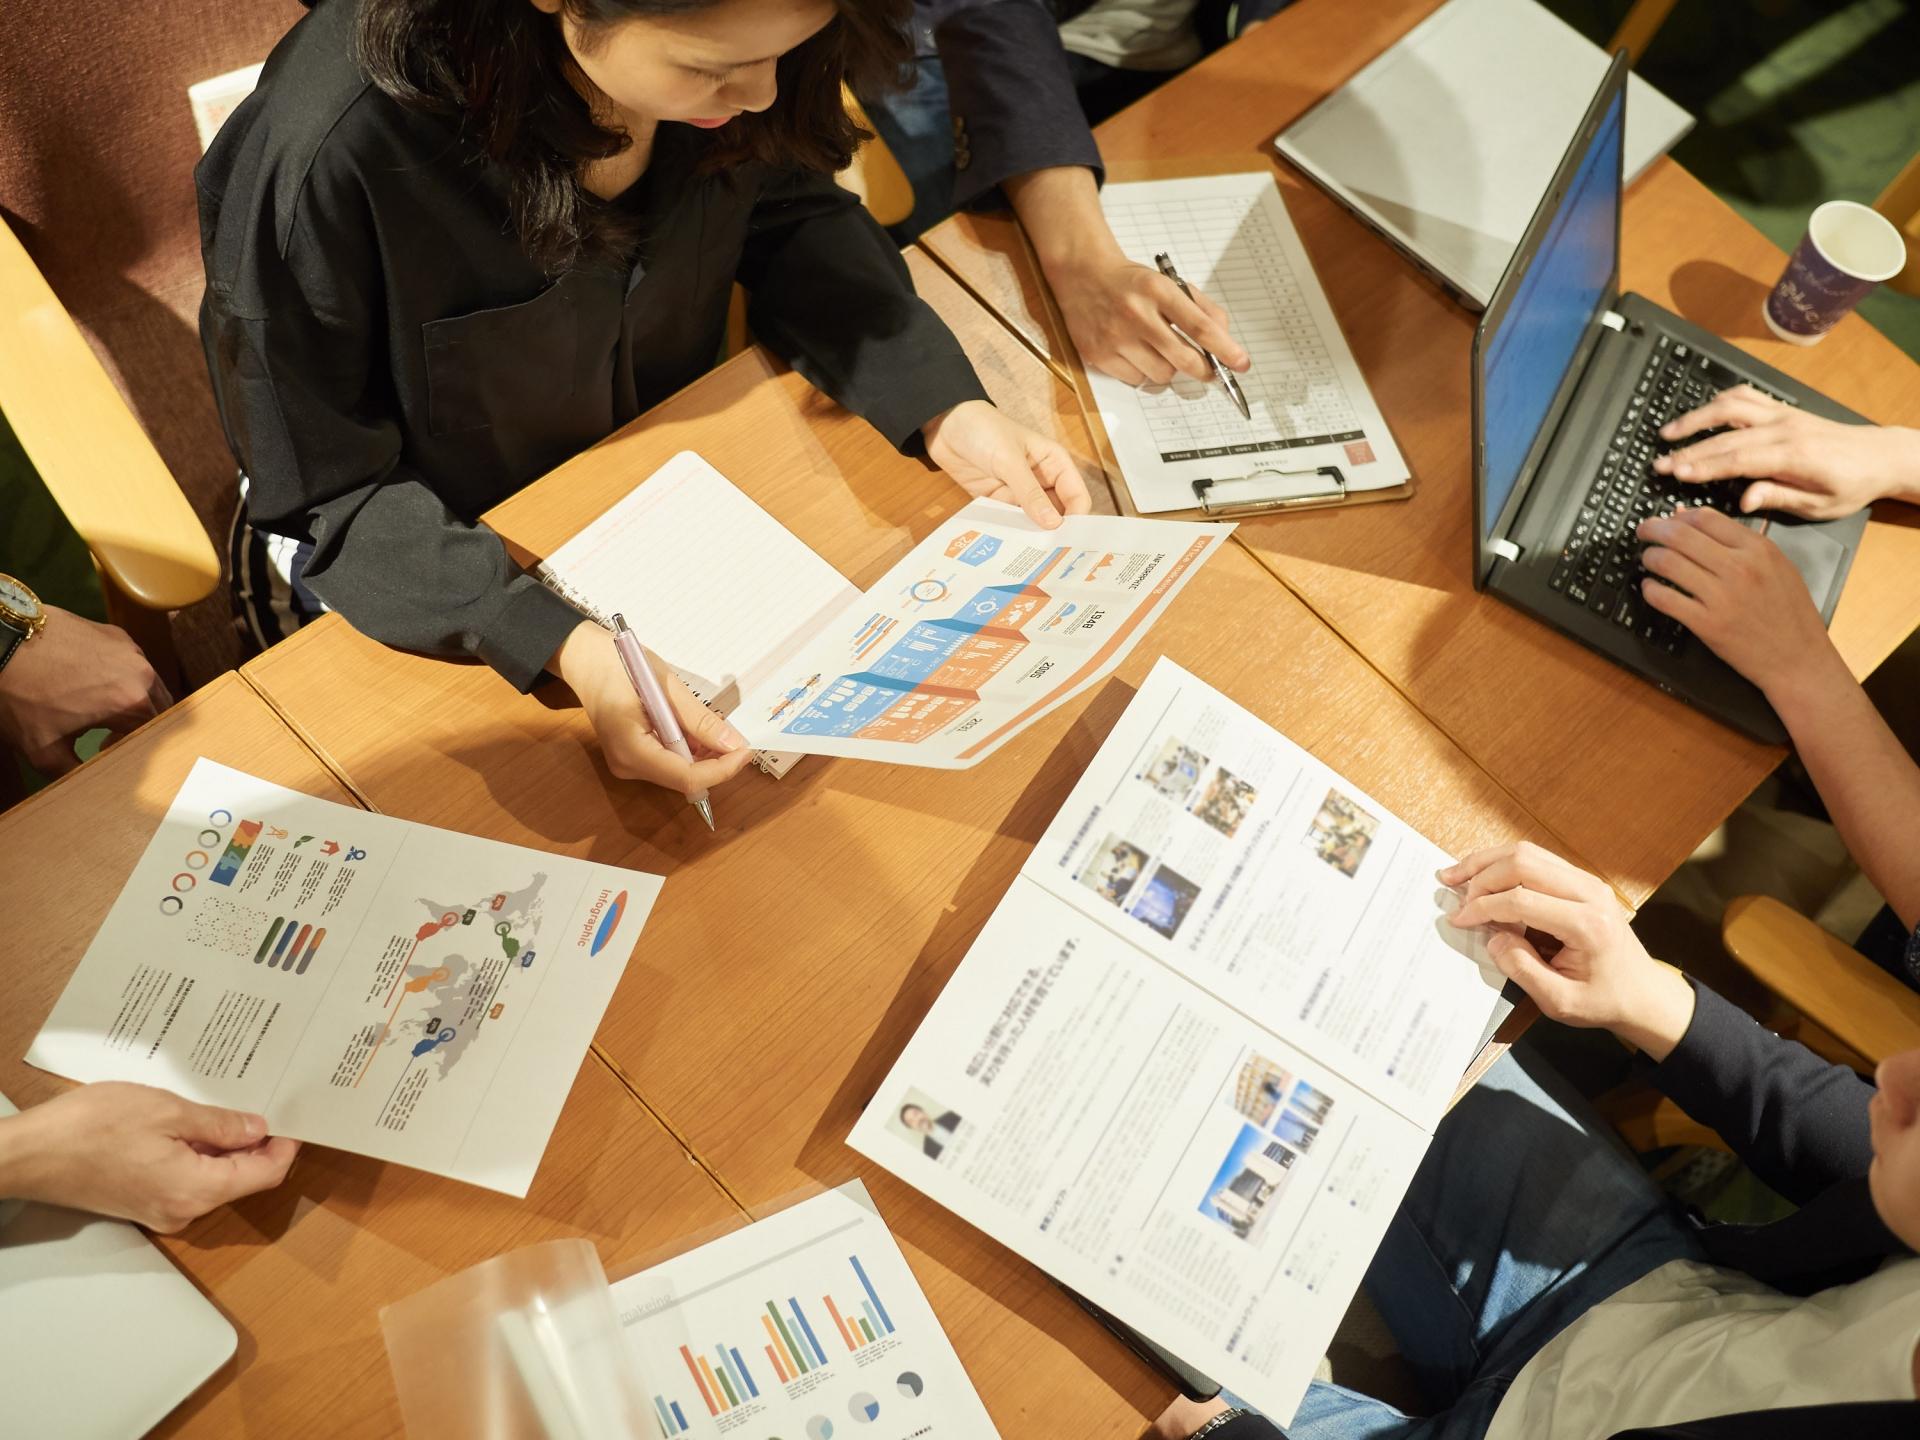 顧客ごとの情報管理事例の写真